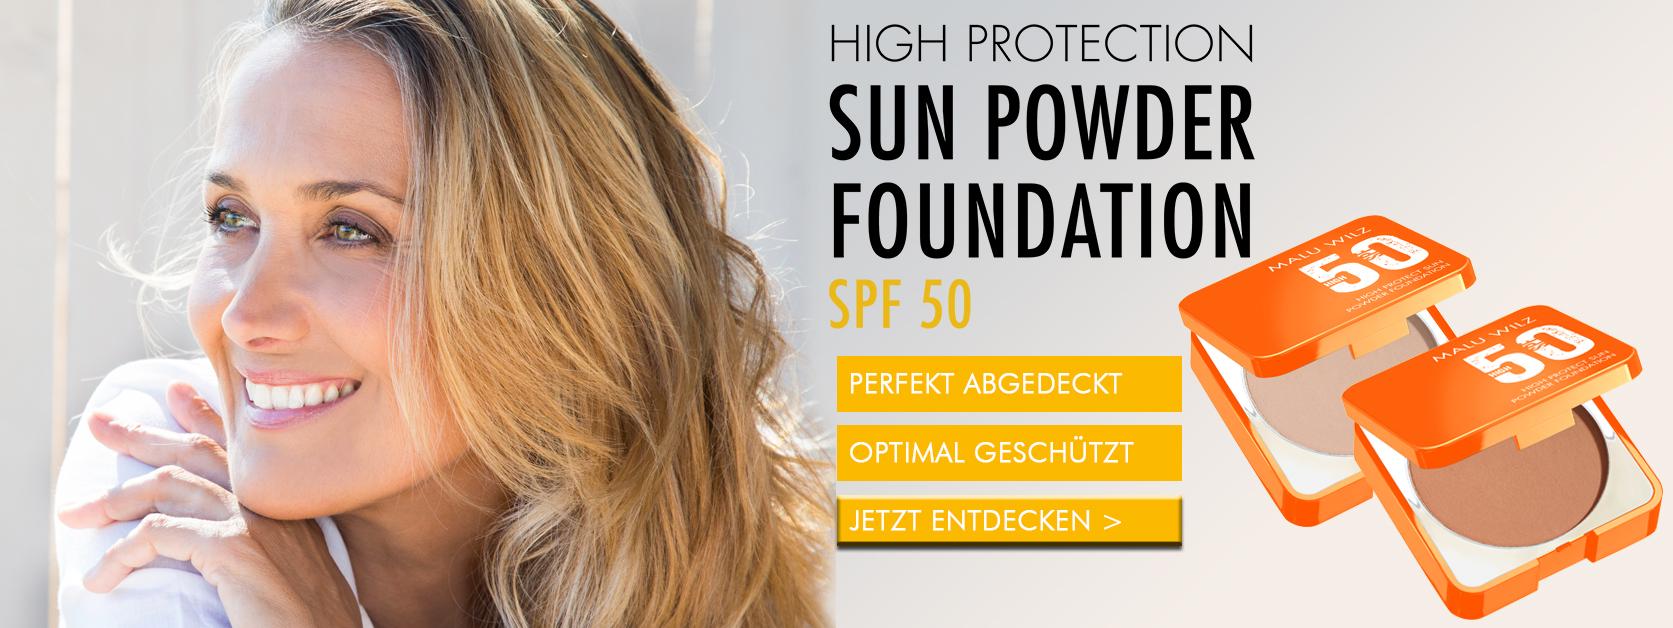 Frau mit Sun Powder